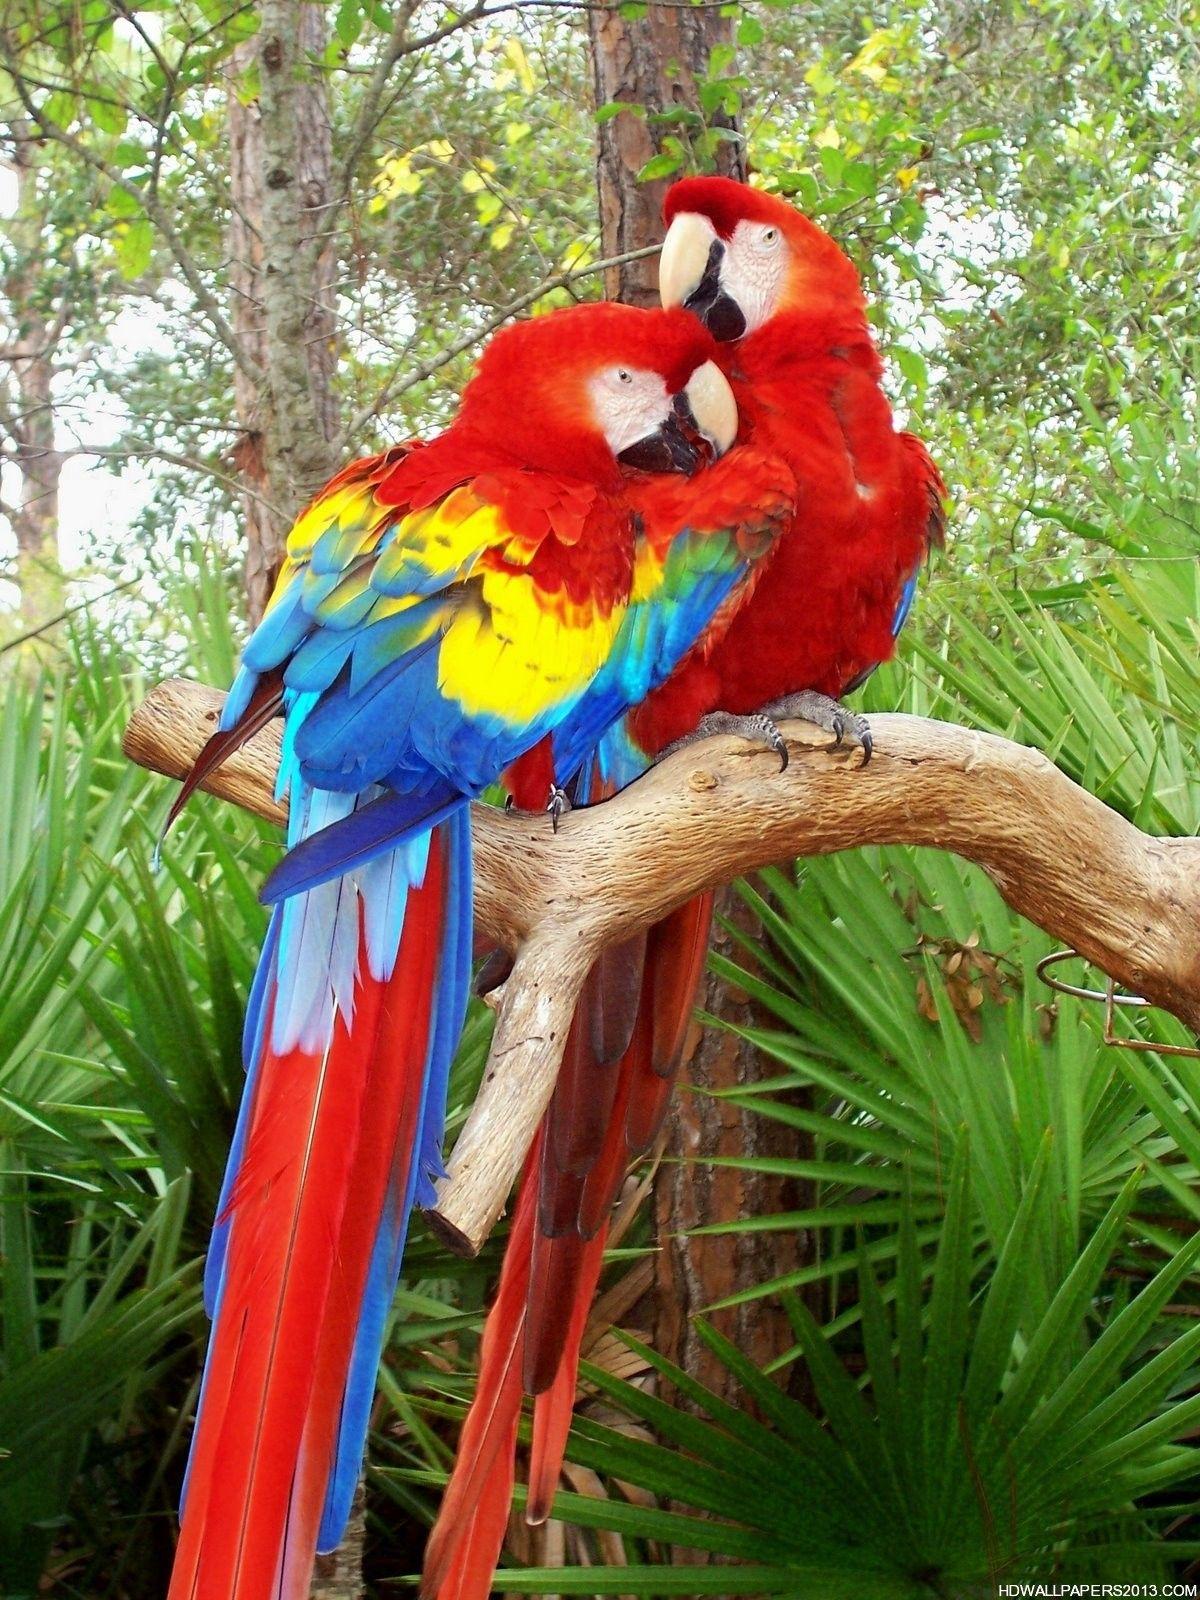 photos of birds love bird parrot hd wallpapers love bird parrot